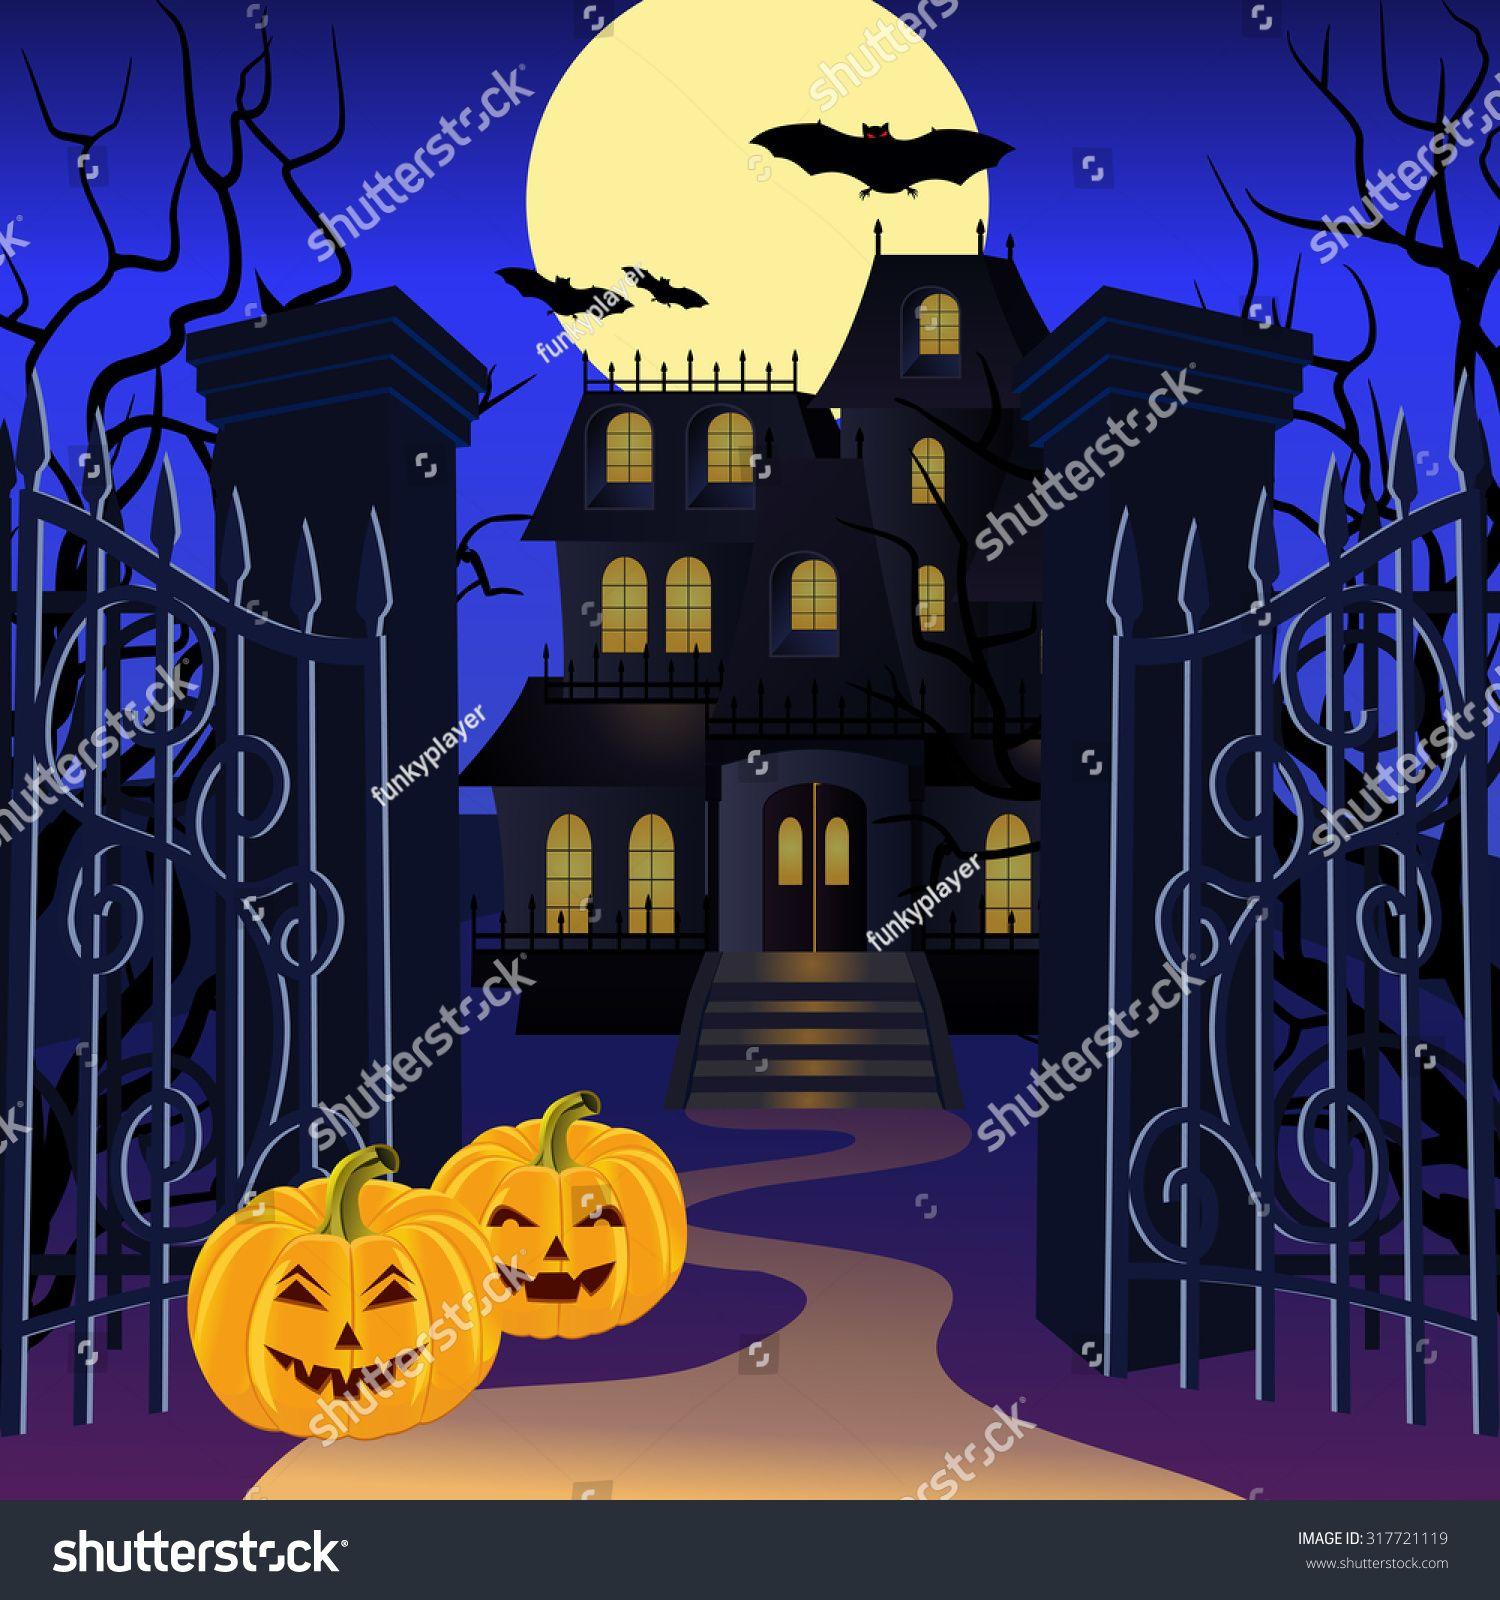 animatedhauntedhouse3.gif 408×386 pixels Halloween